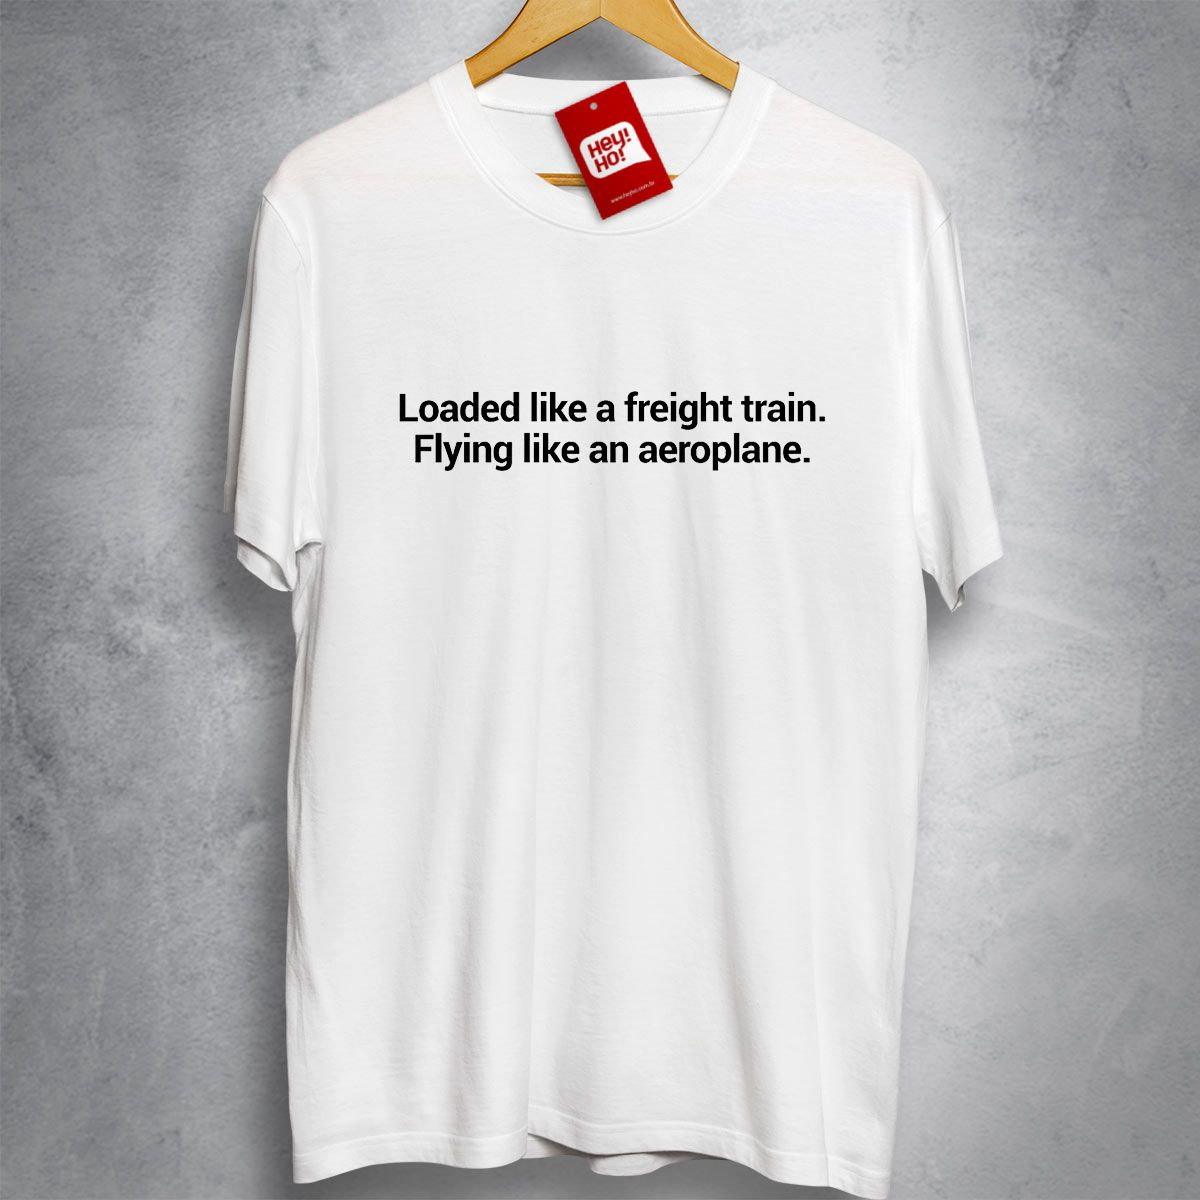 GUNS N' ROSES - Loaded like a freight train